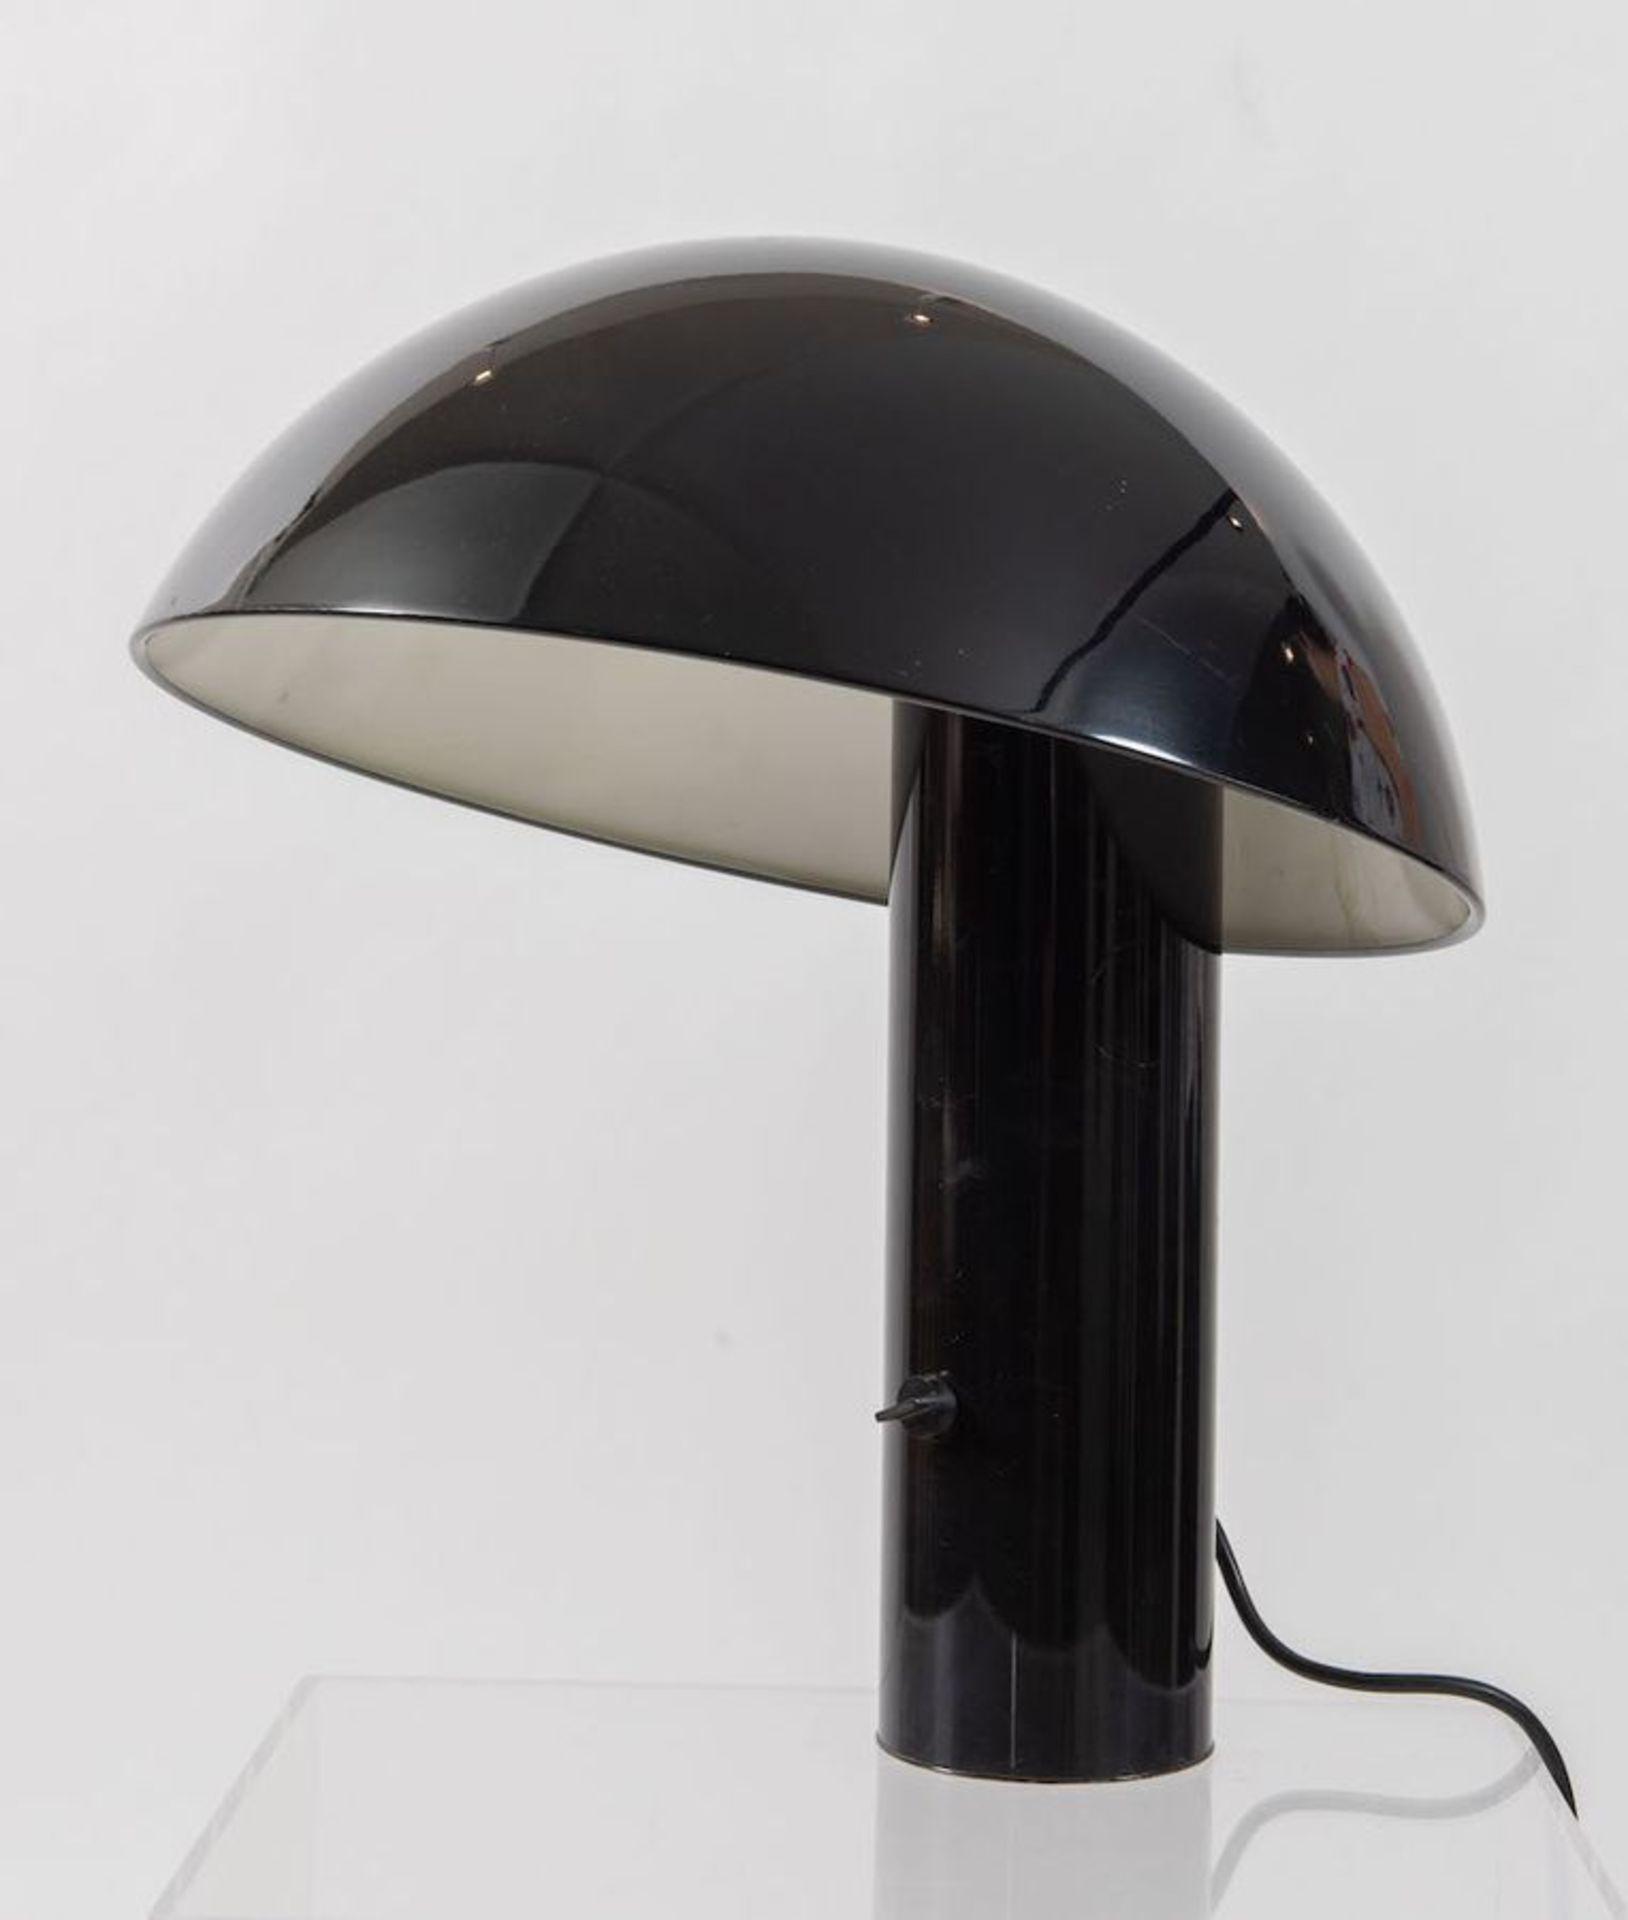 FRANCO MIRENZI Lampada da tavolo in metallo modello Vaga. Prod. Valenti luce, 1978. Cm 47x40x40. - Bild 2 aus 2